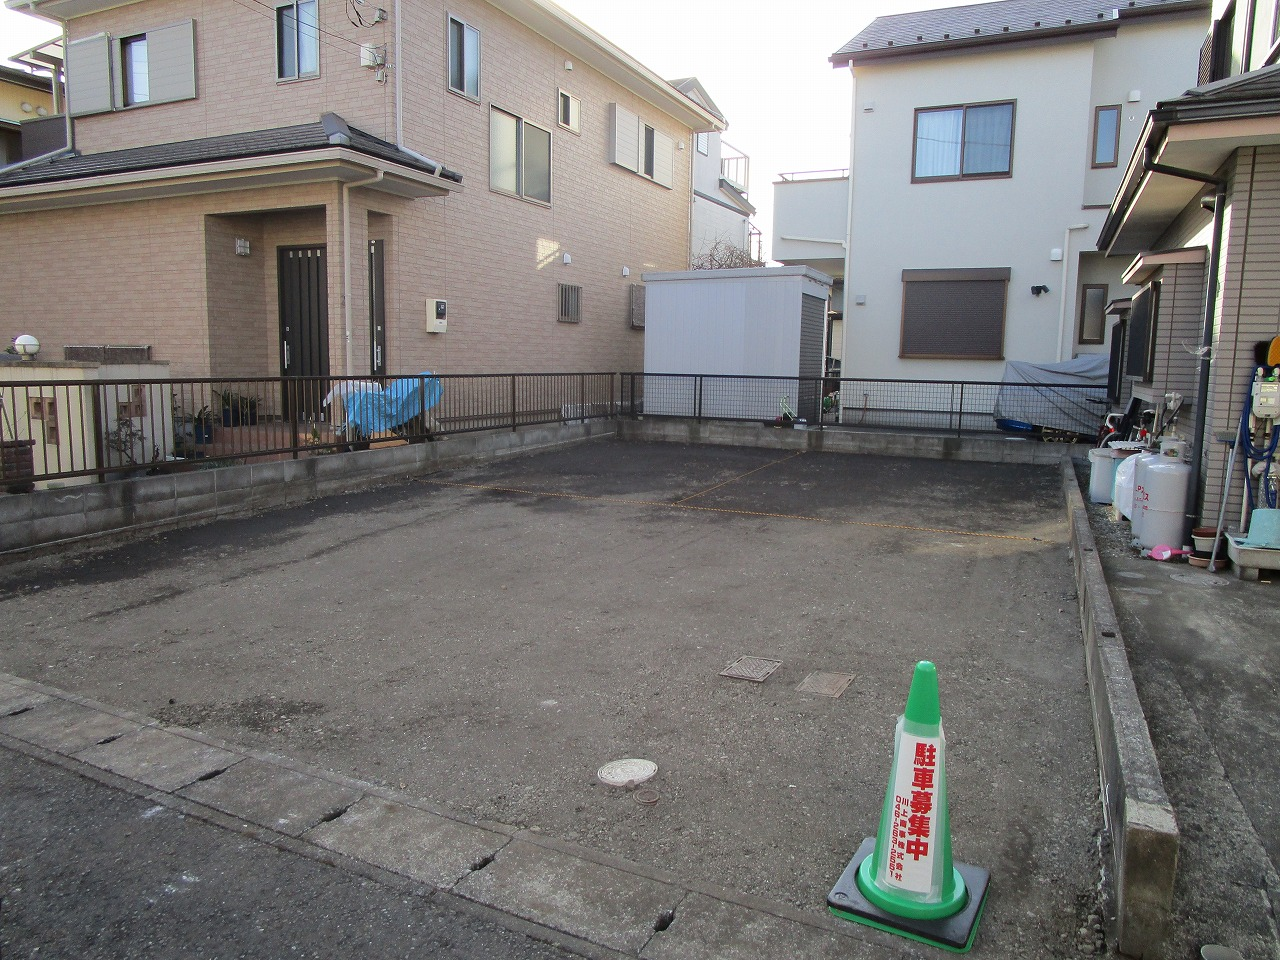 40蓼川1丁目駐車場のイメージ